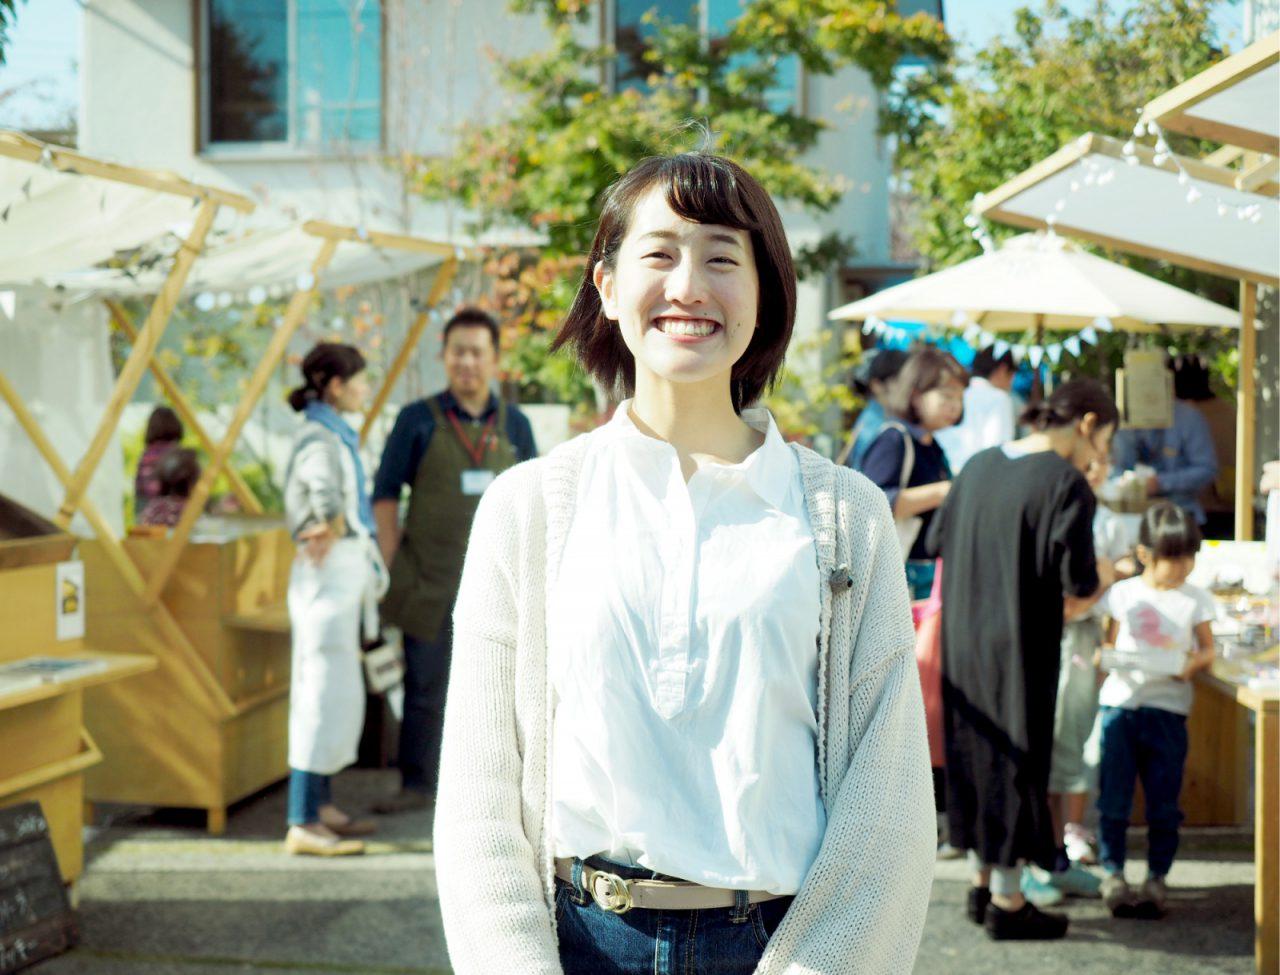 相羽建設の地域交流イベント「つむじ、暮らしの文化祭」にて